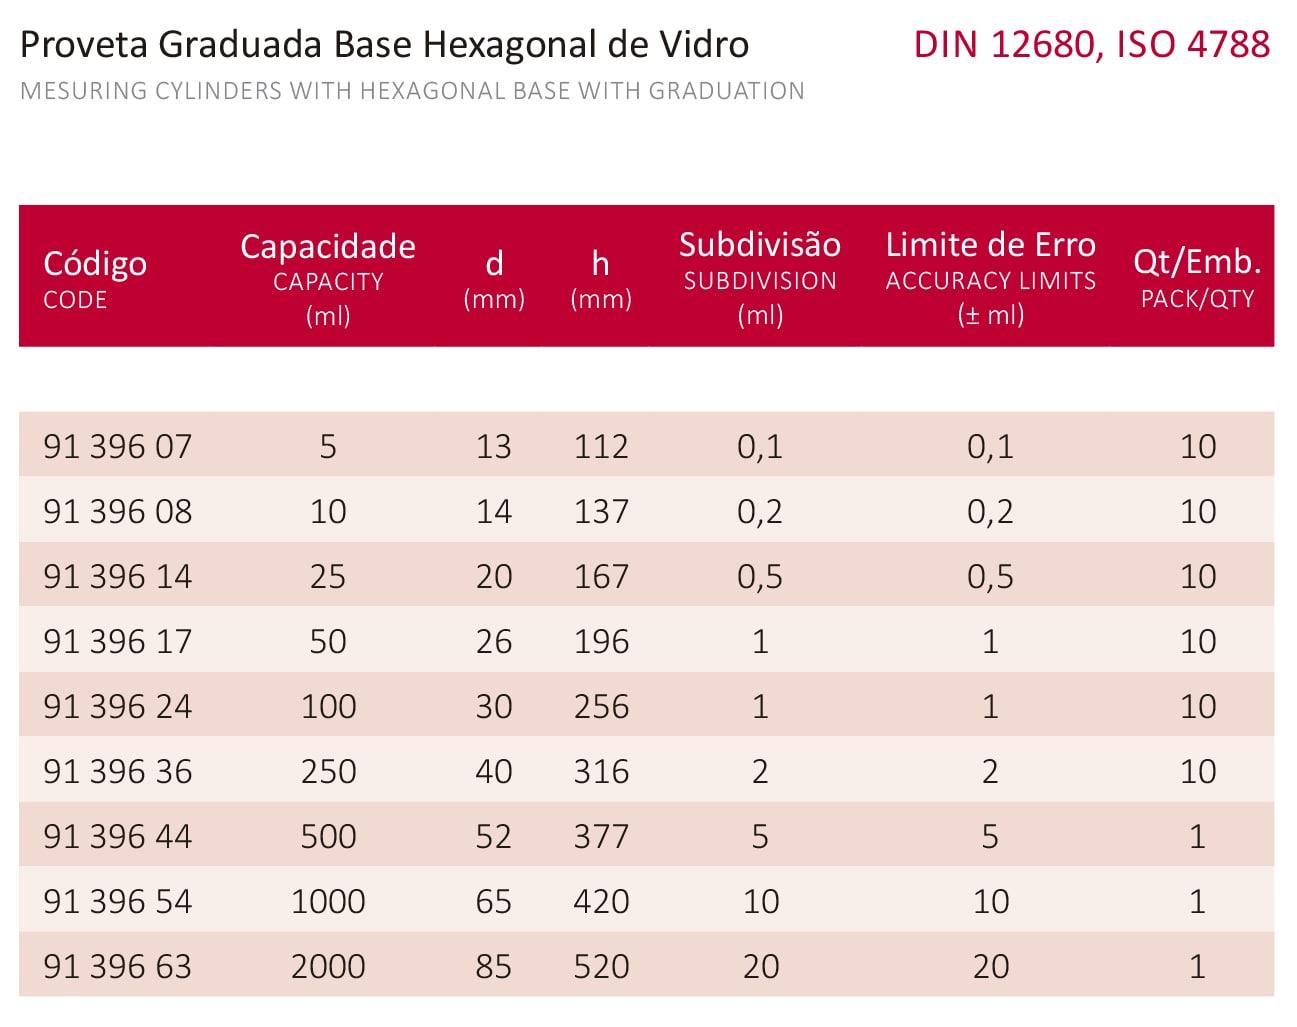 PROVETA GRADUADA BASE HEXAGONAL DE VIDRO 2000 ML - Laborglas - Cód. 9139663